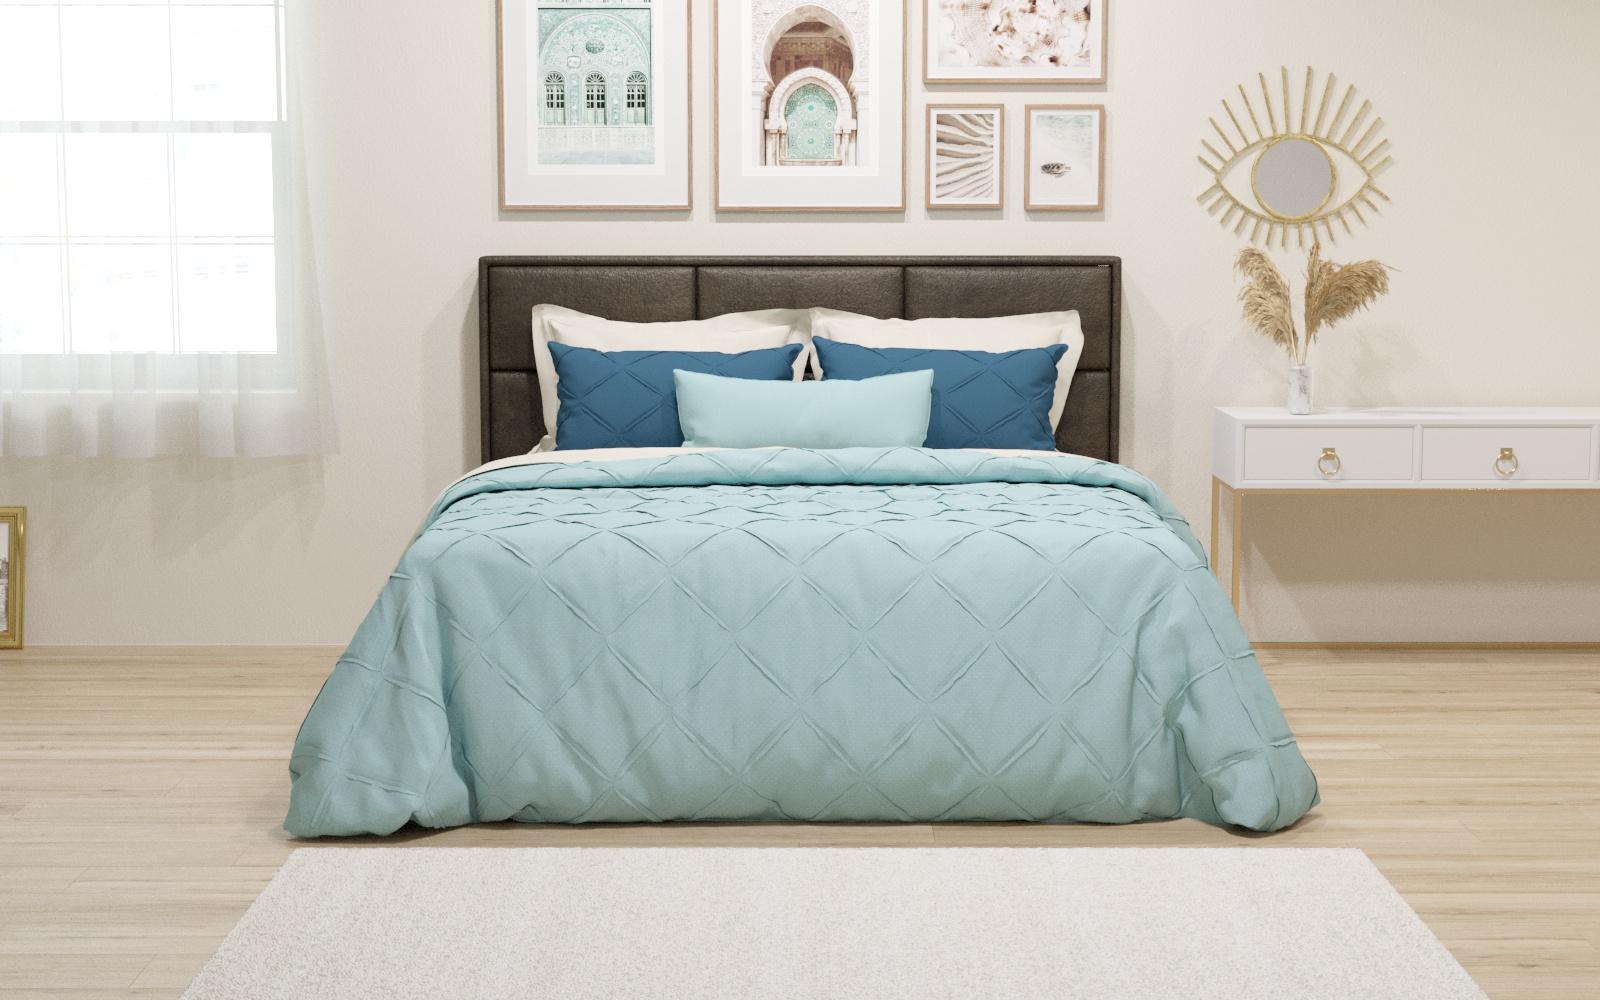 Nákup čalouněné postele na internetu! Jak na to?